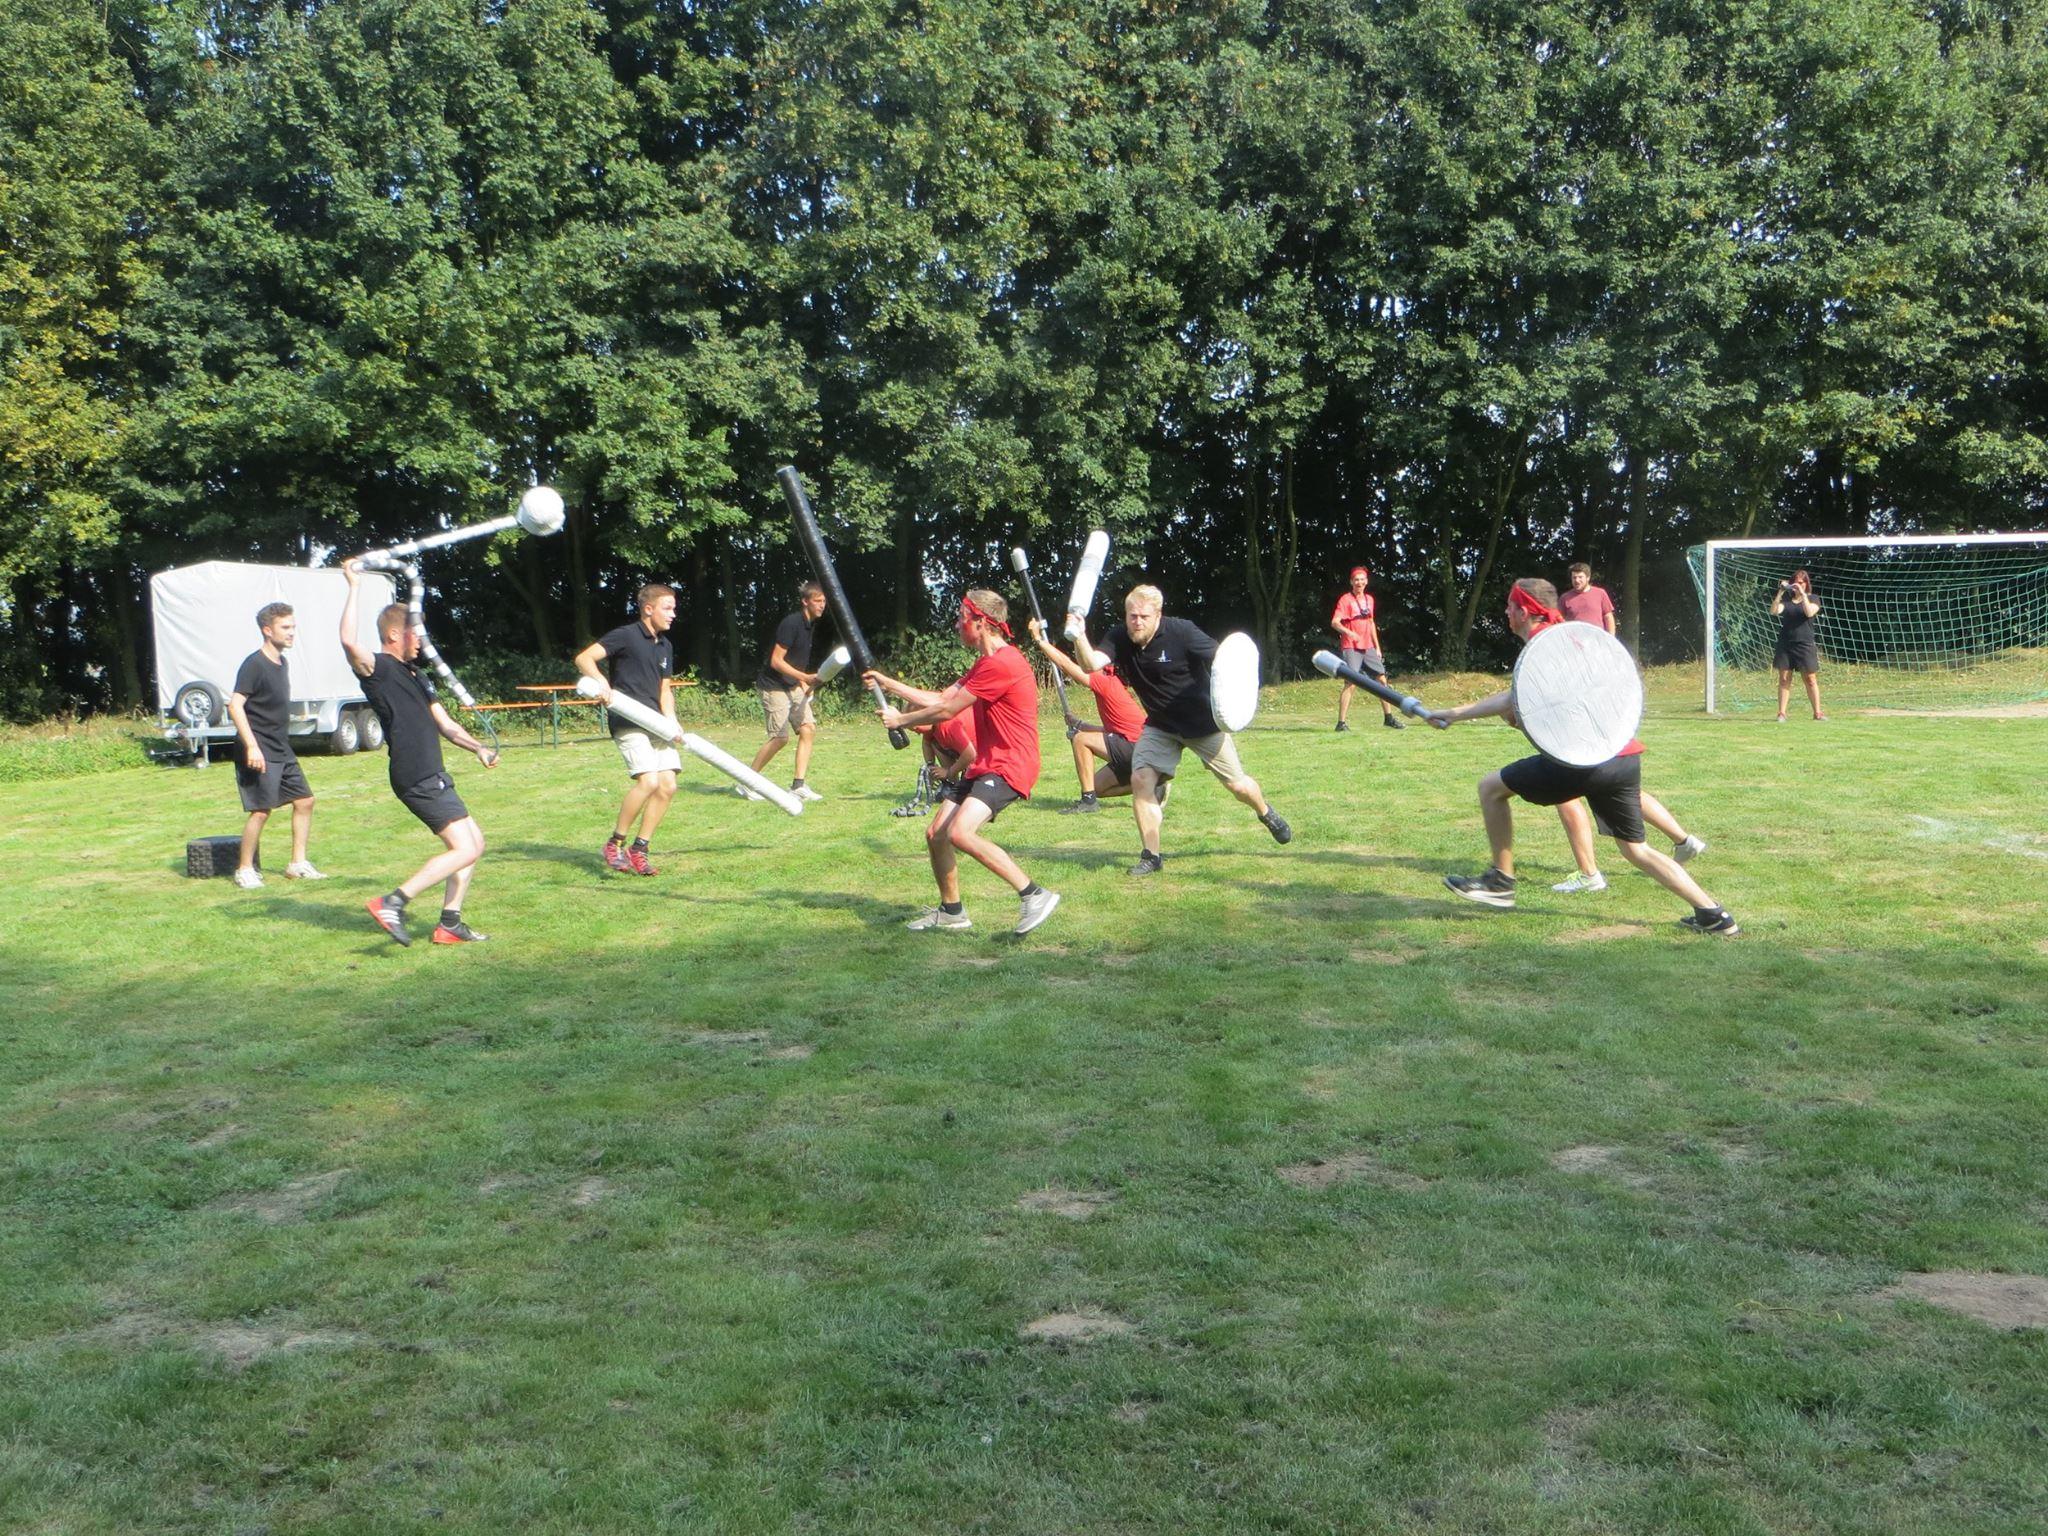 27.08.2016 - KopfAb! Unplugged am Lagerfeuer bei der Jugger-Meisterschaft der DPSG Bezirk Niederrhein Nord